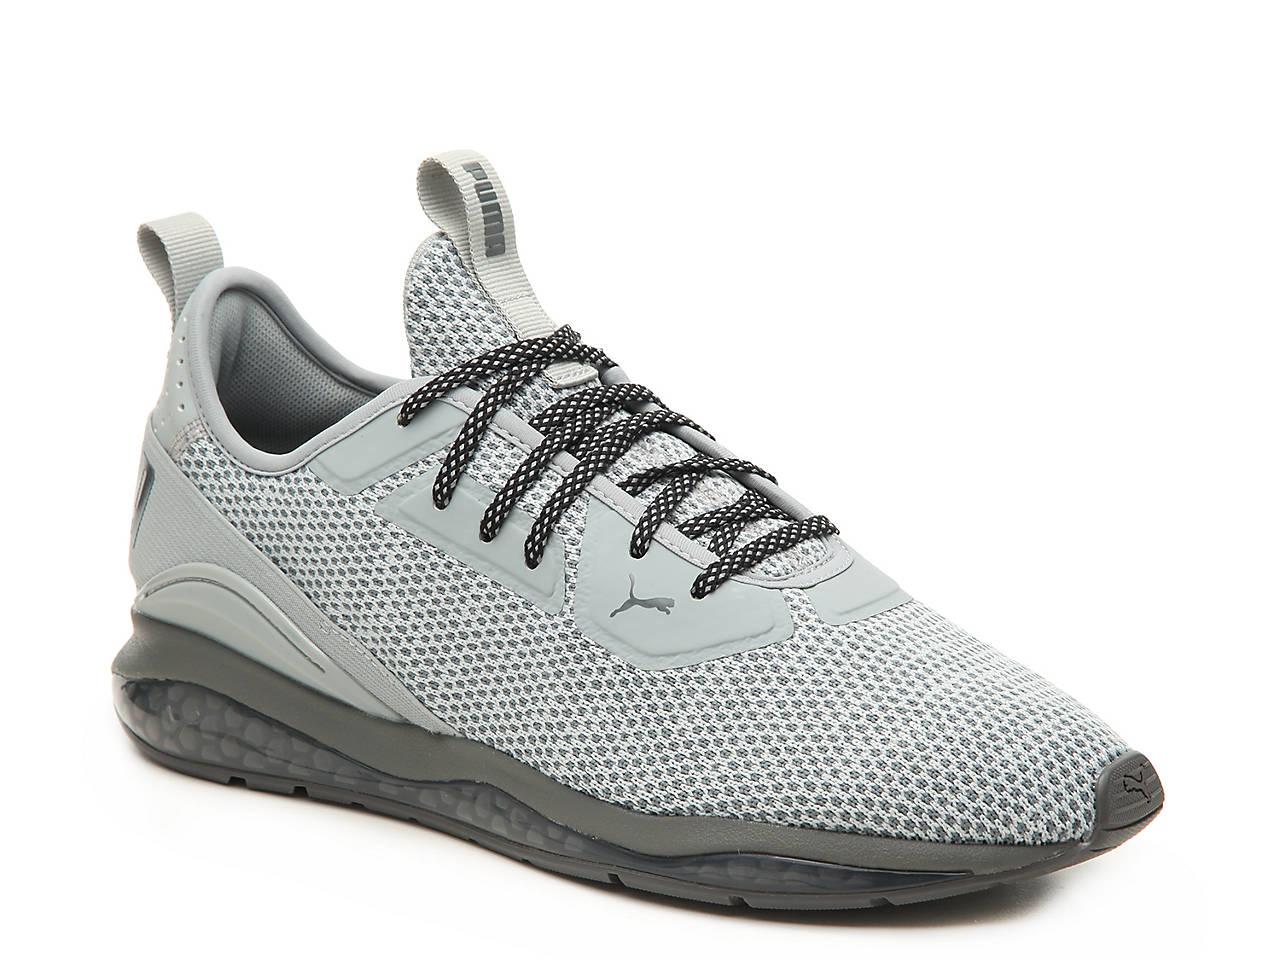 2a9be447e Puma Cell Descend Sneaker - Men s Men s Shoes